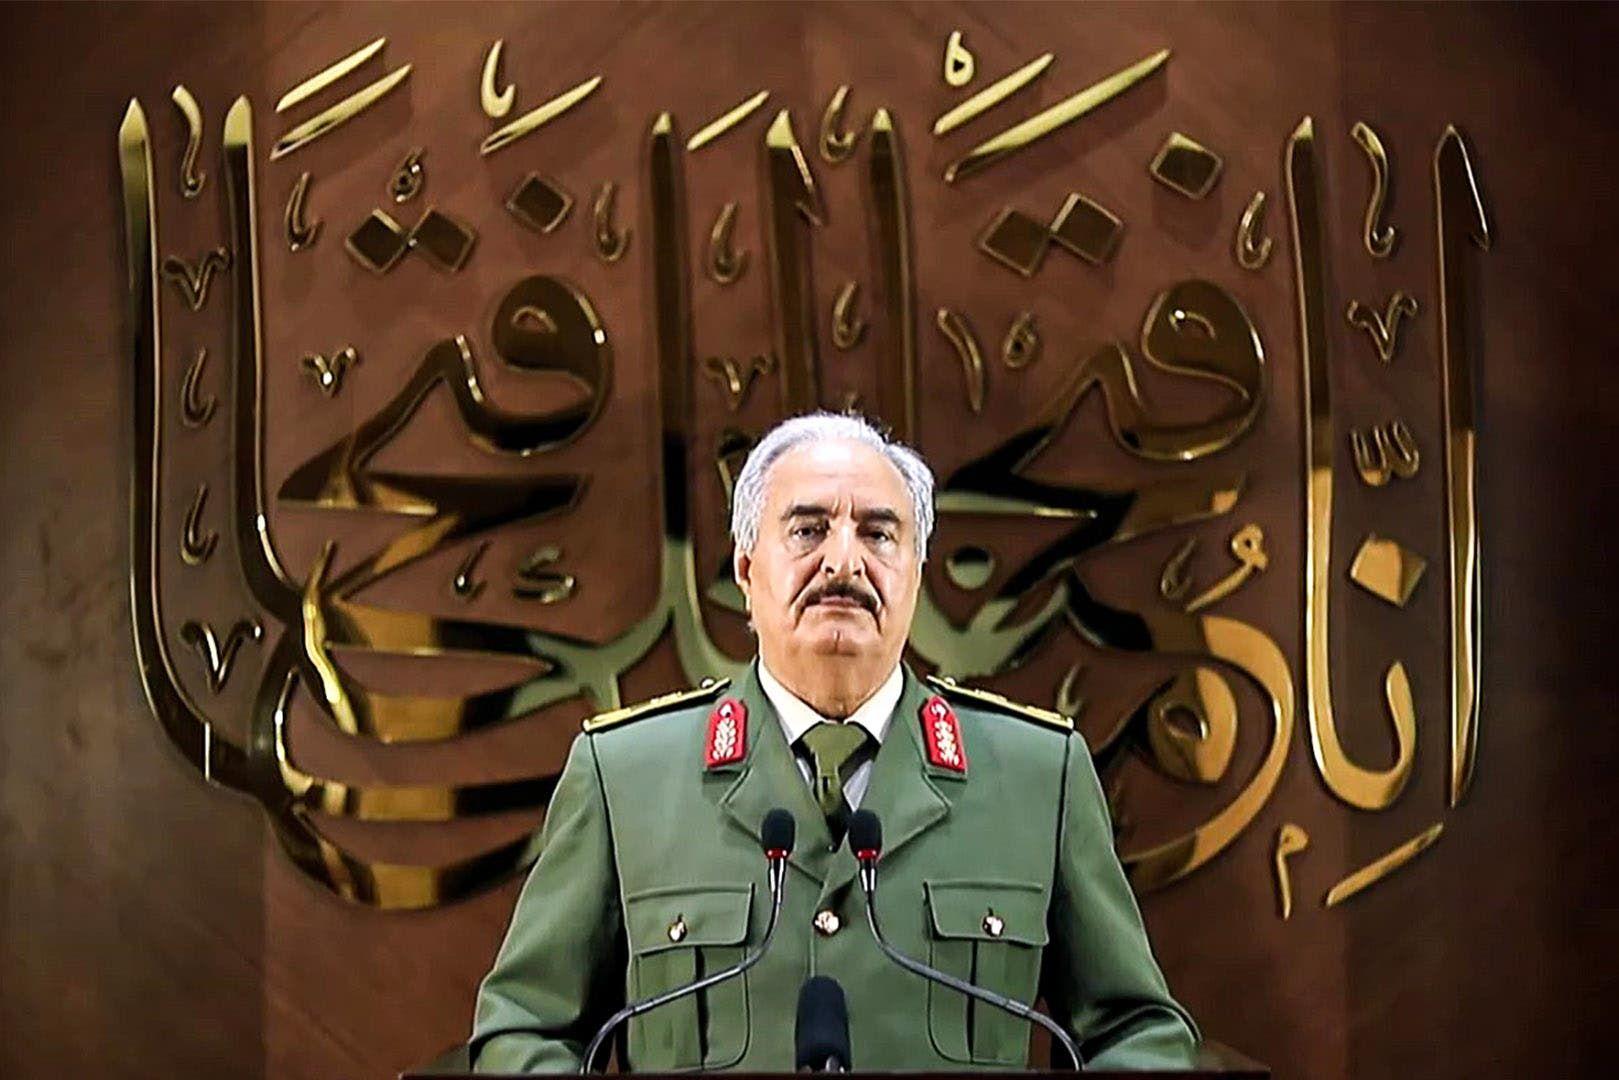 قائد الجيش الوطني الليبي خليفة حفتر